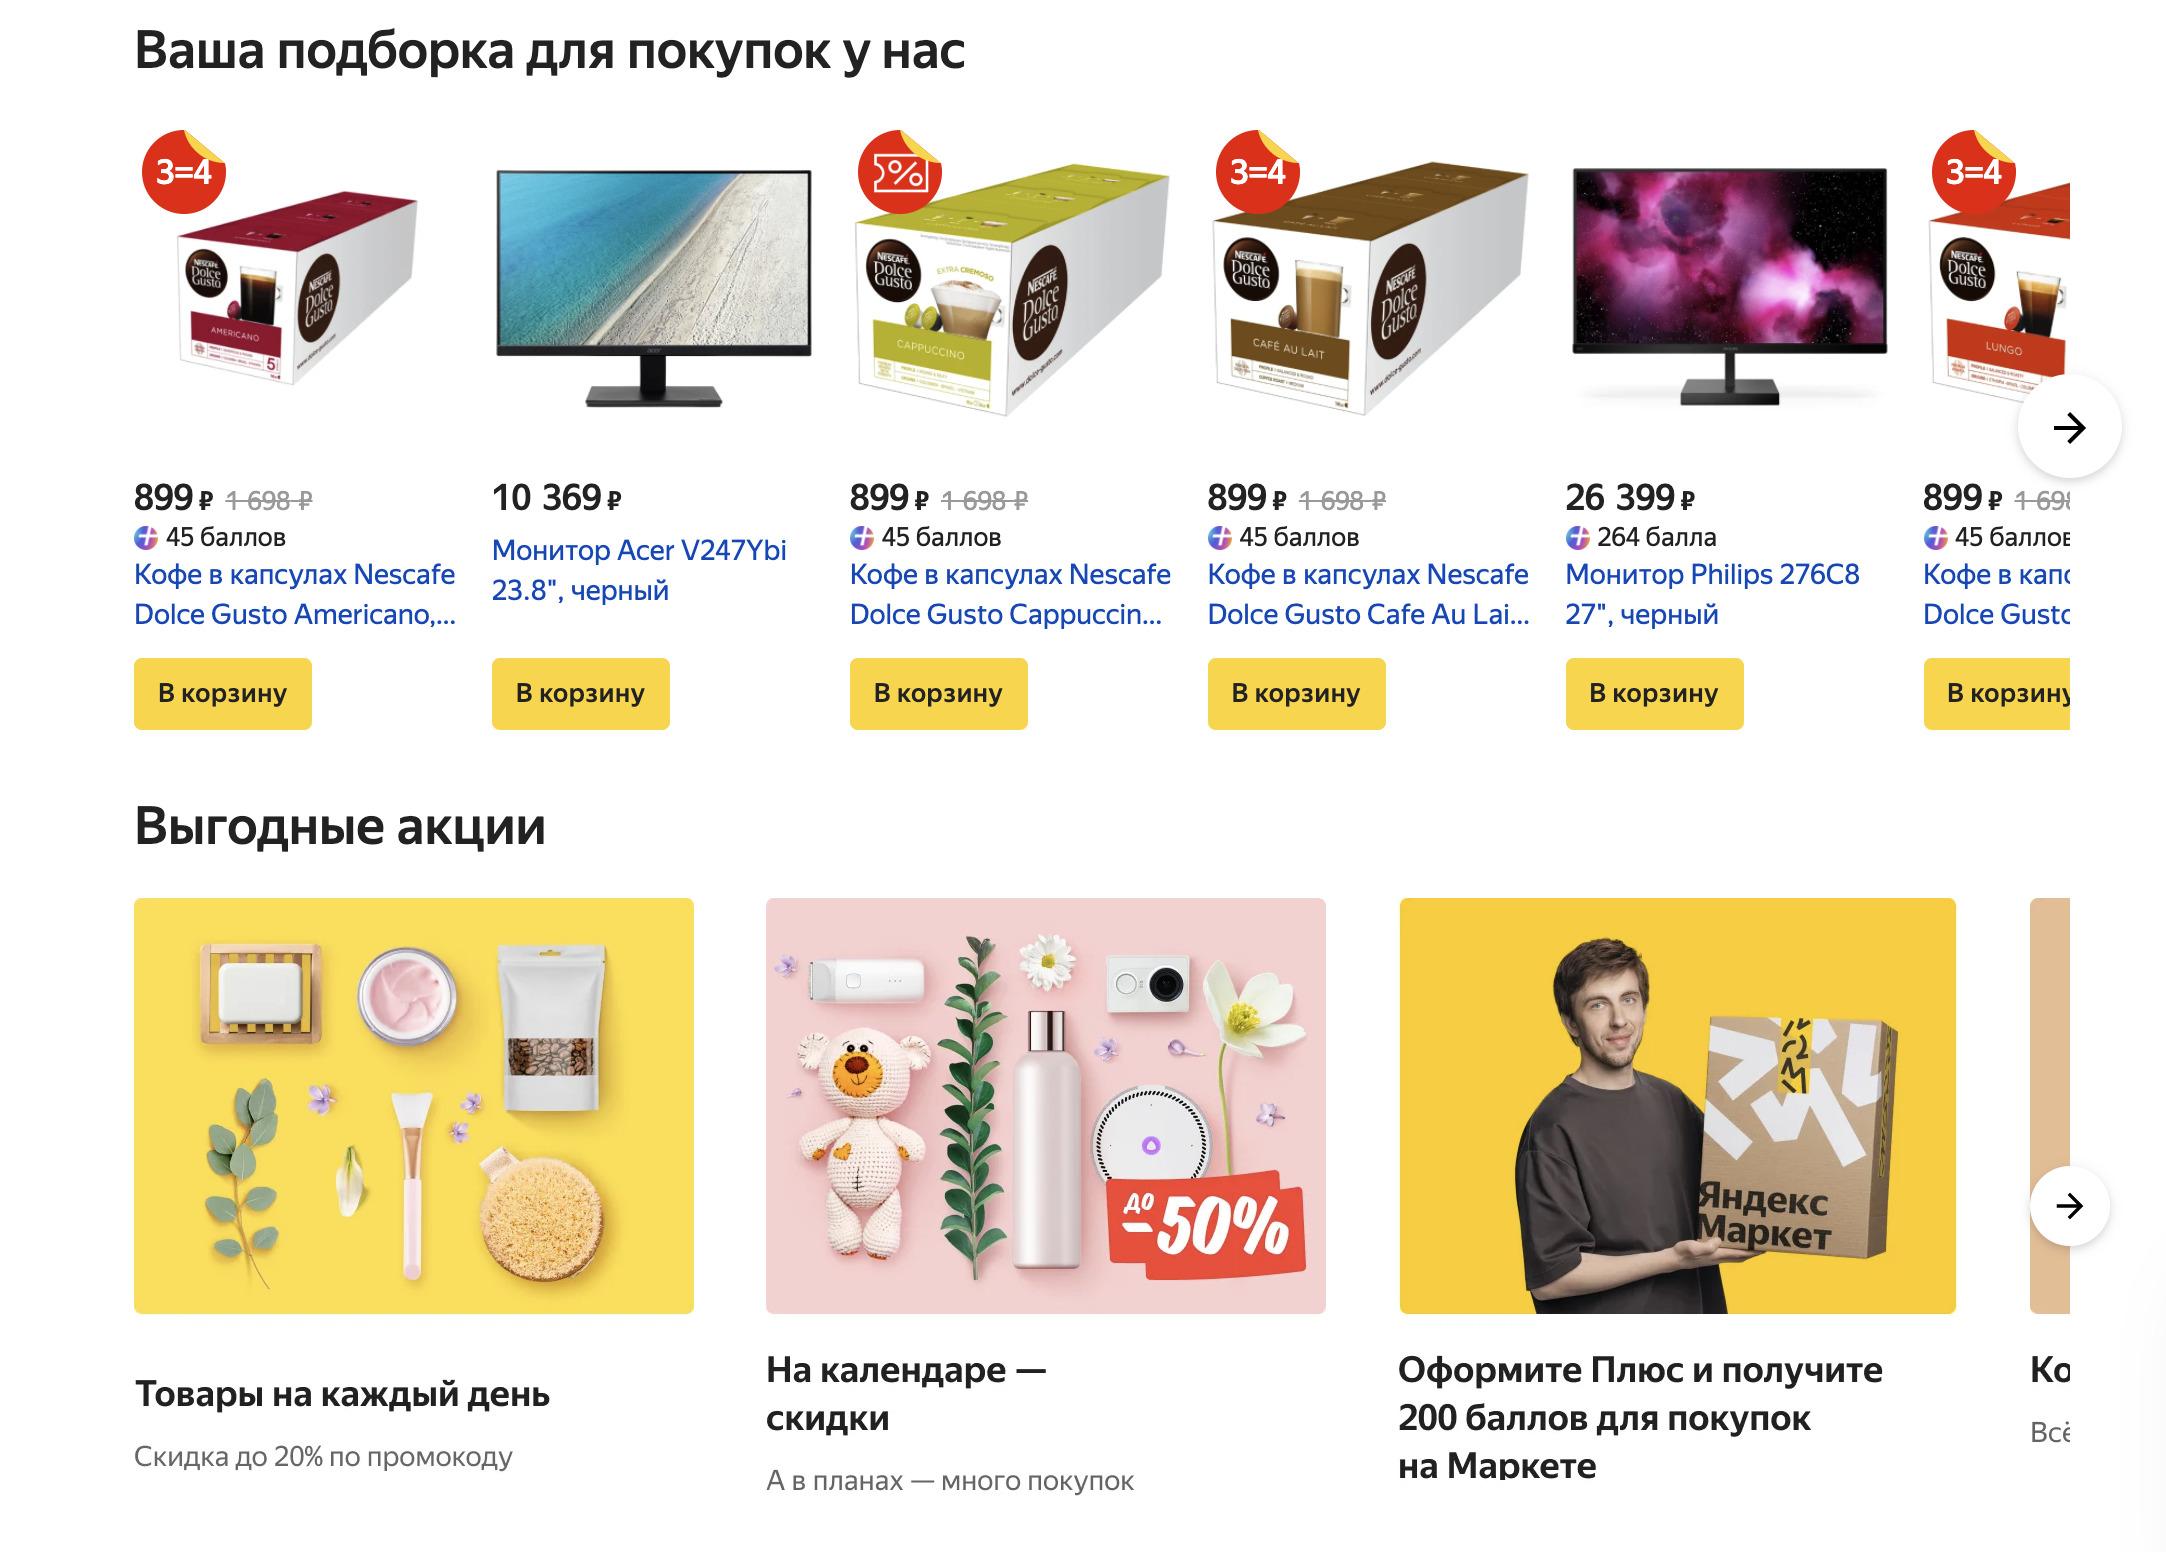 Доставка из Яндекс.Маркет в Кропоткин, сроки, пункты выдачи, каталог